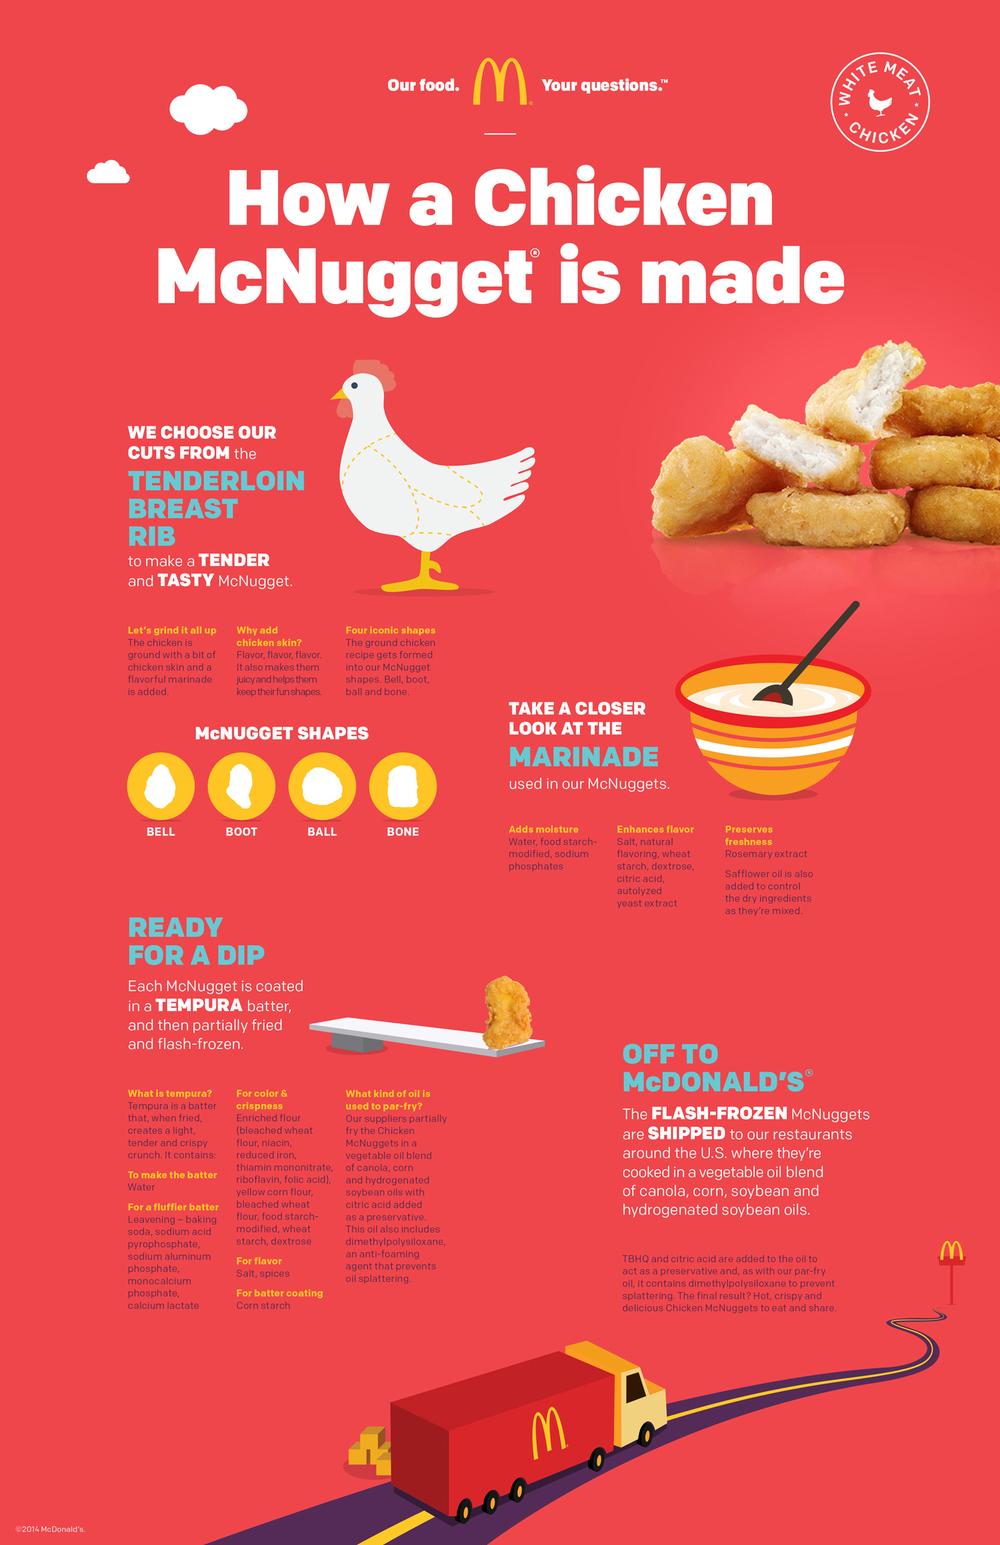 McD_FAQ_McNuggets_032415_300dpi.jpg